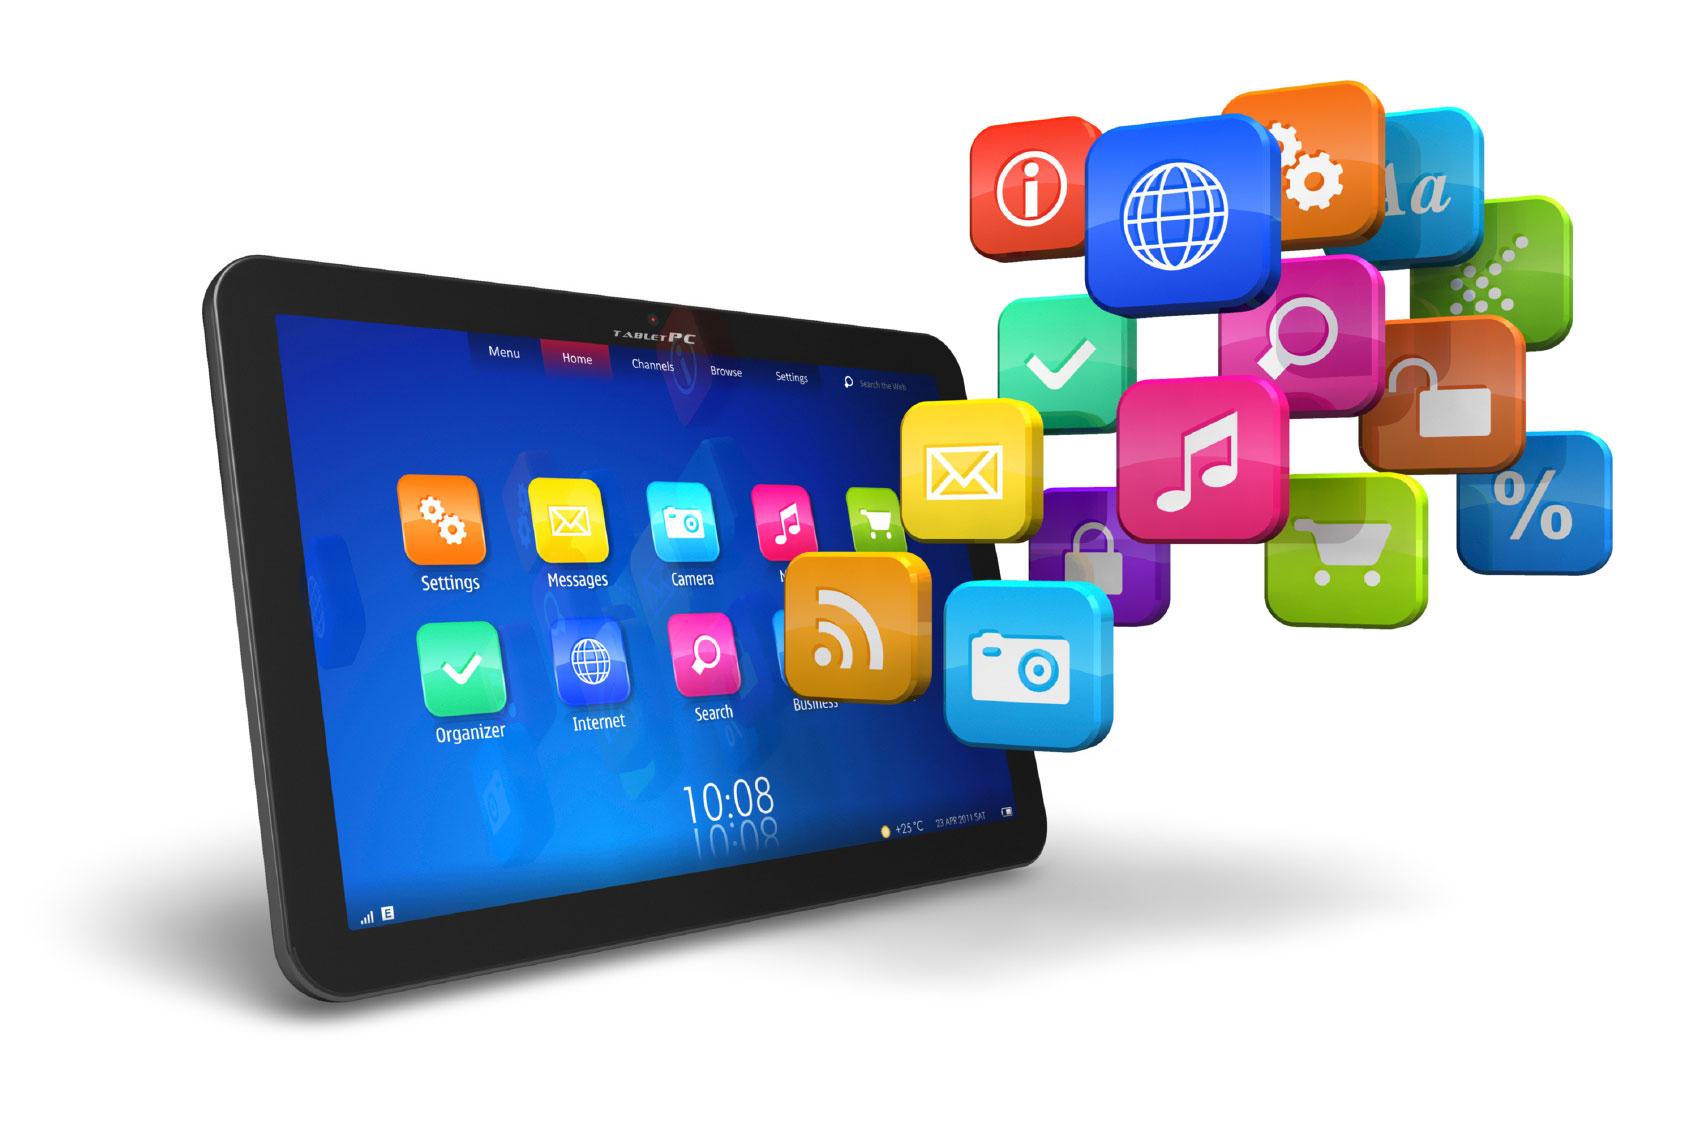 Consultoría en Productos Digitales - Aplicaciones, Servicios, Software y Hardware